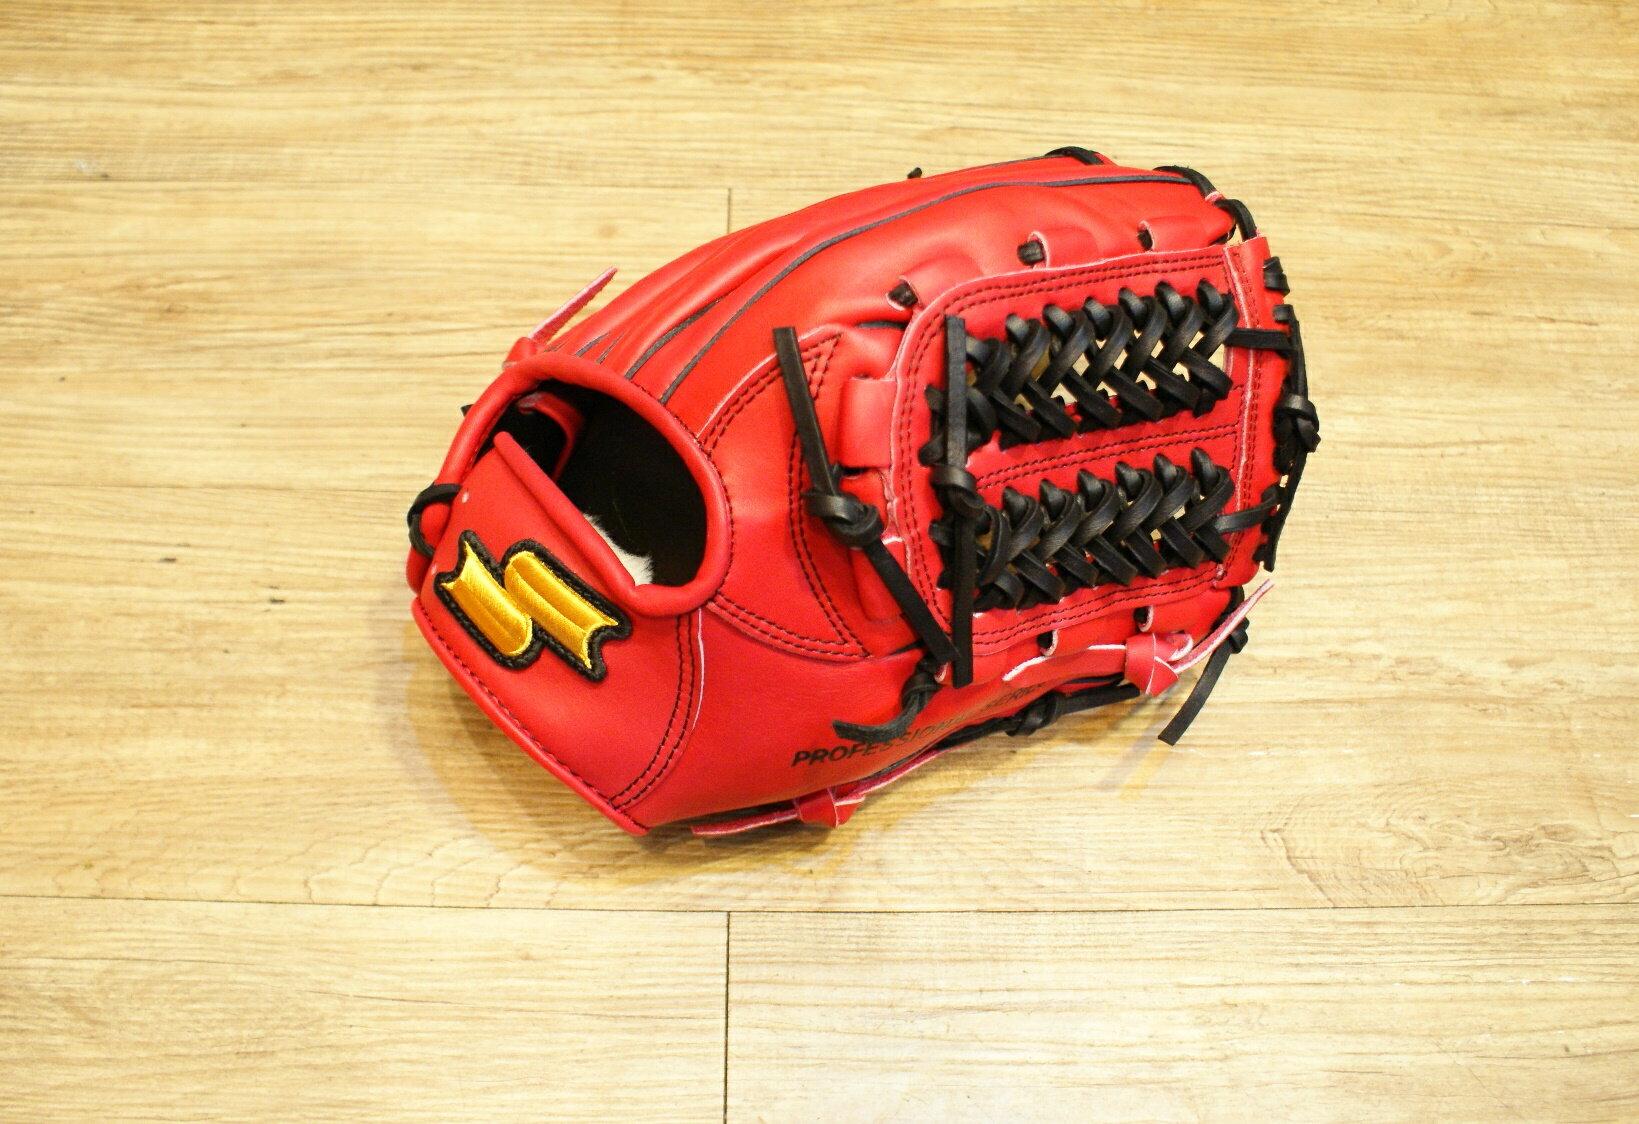 棒球世界 SSK金標 全牛皮 棒壘球手套 特價 密網檔 紅色